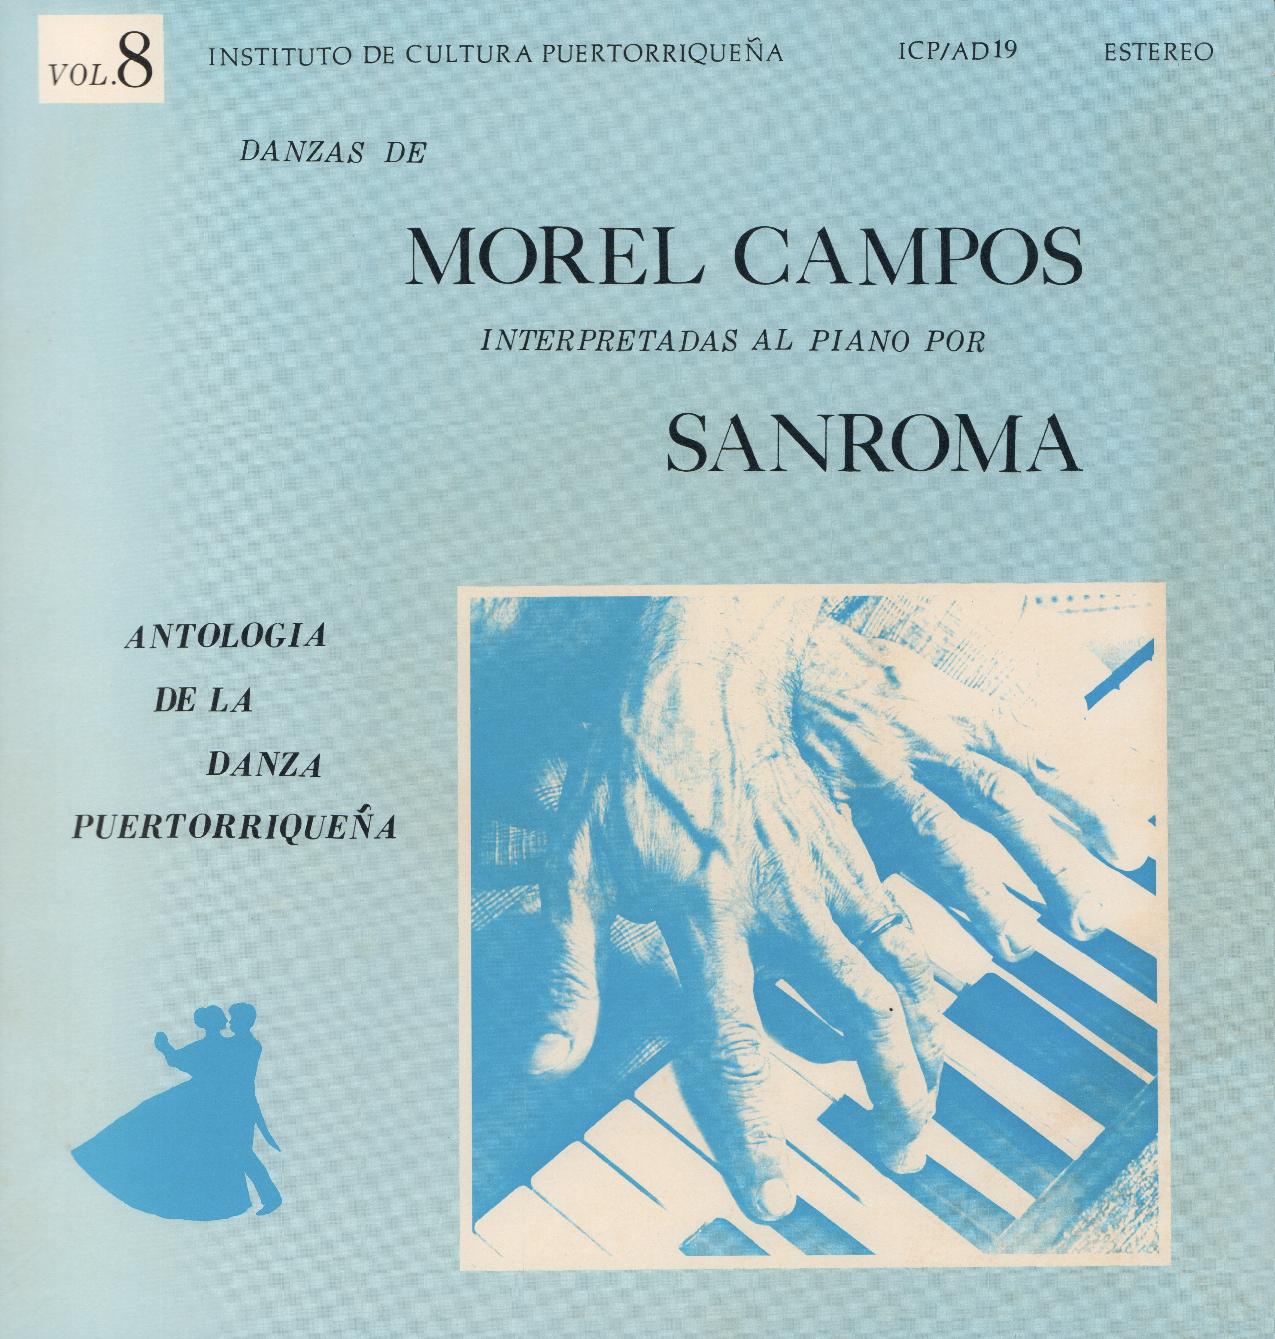 Danzas de Morel Campos Vol. 8